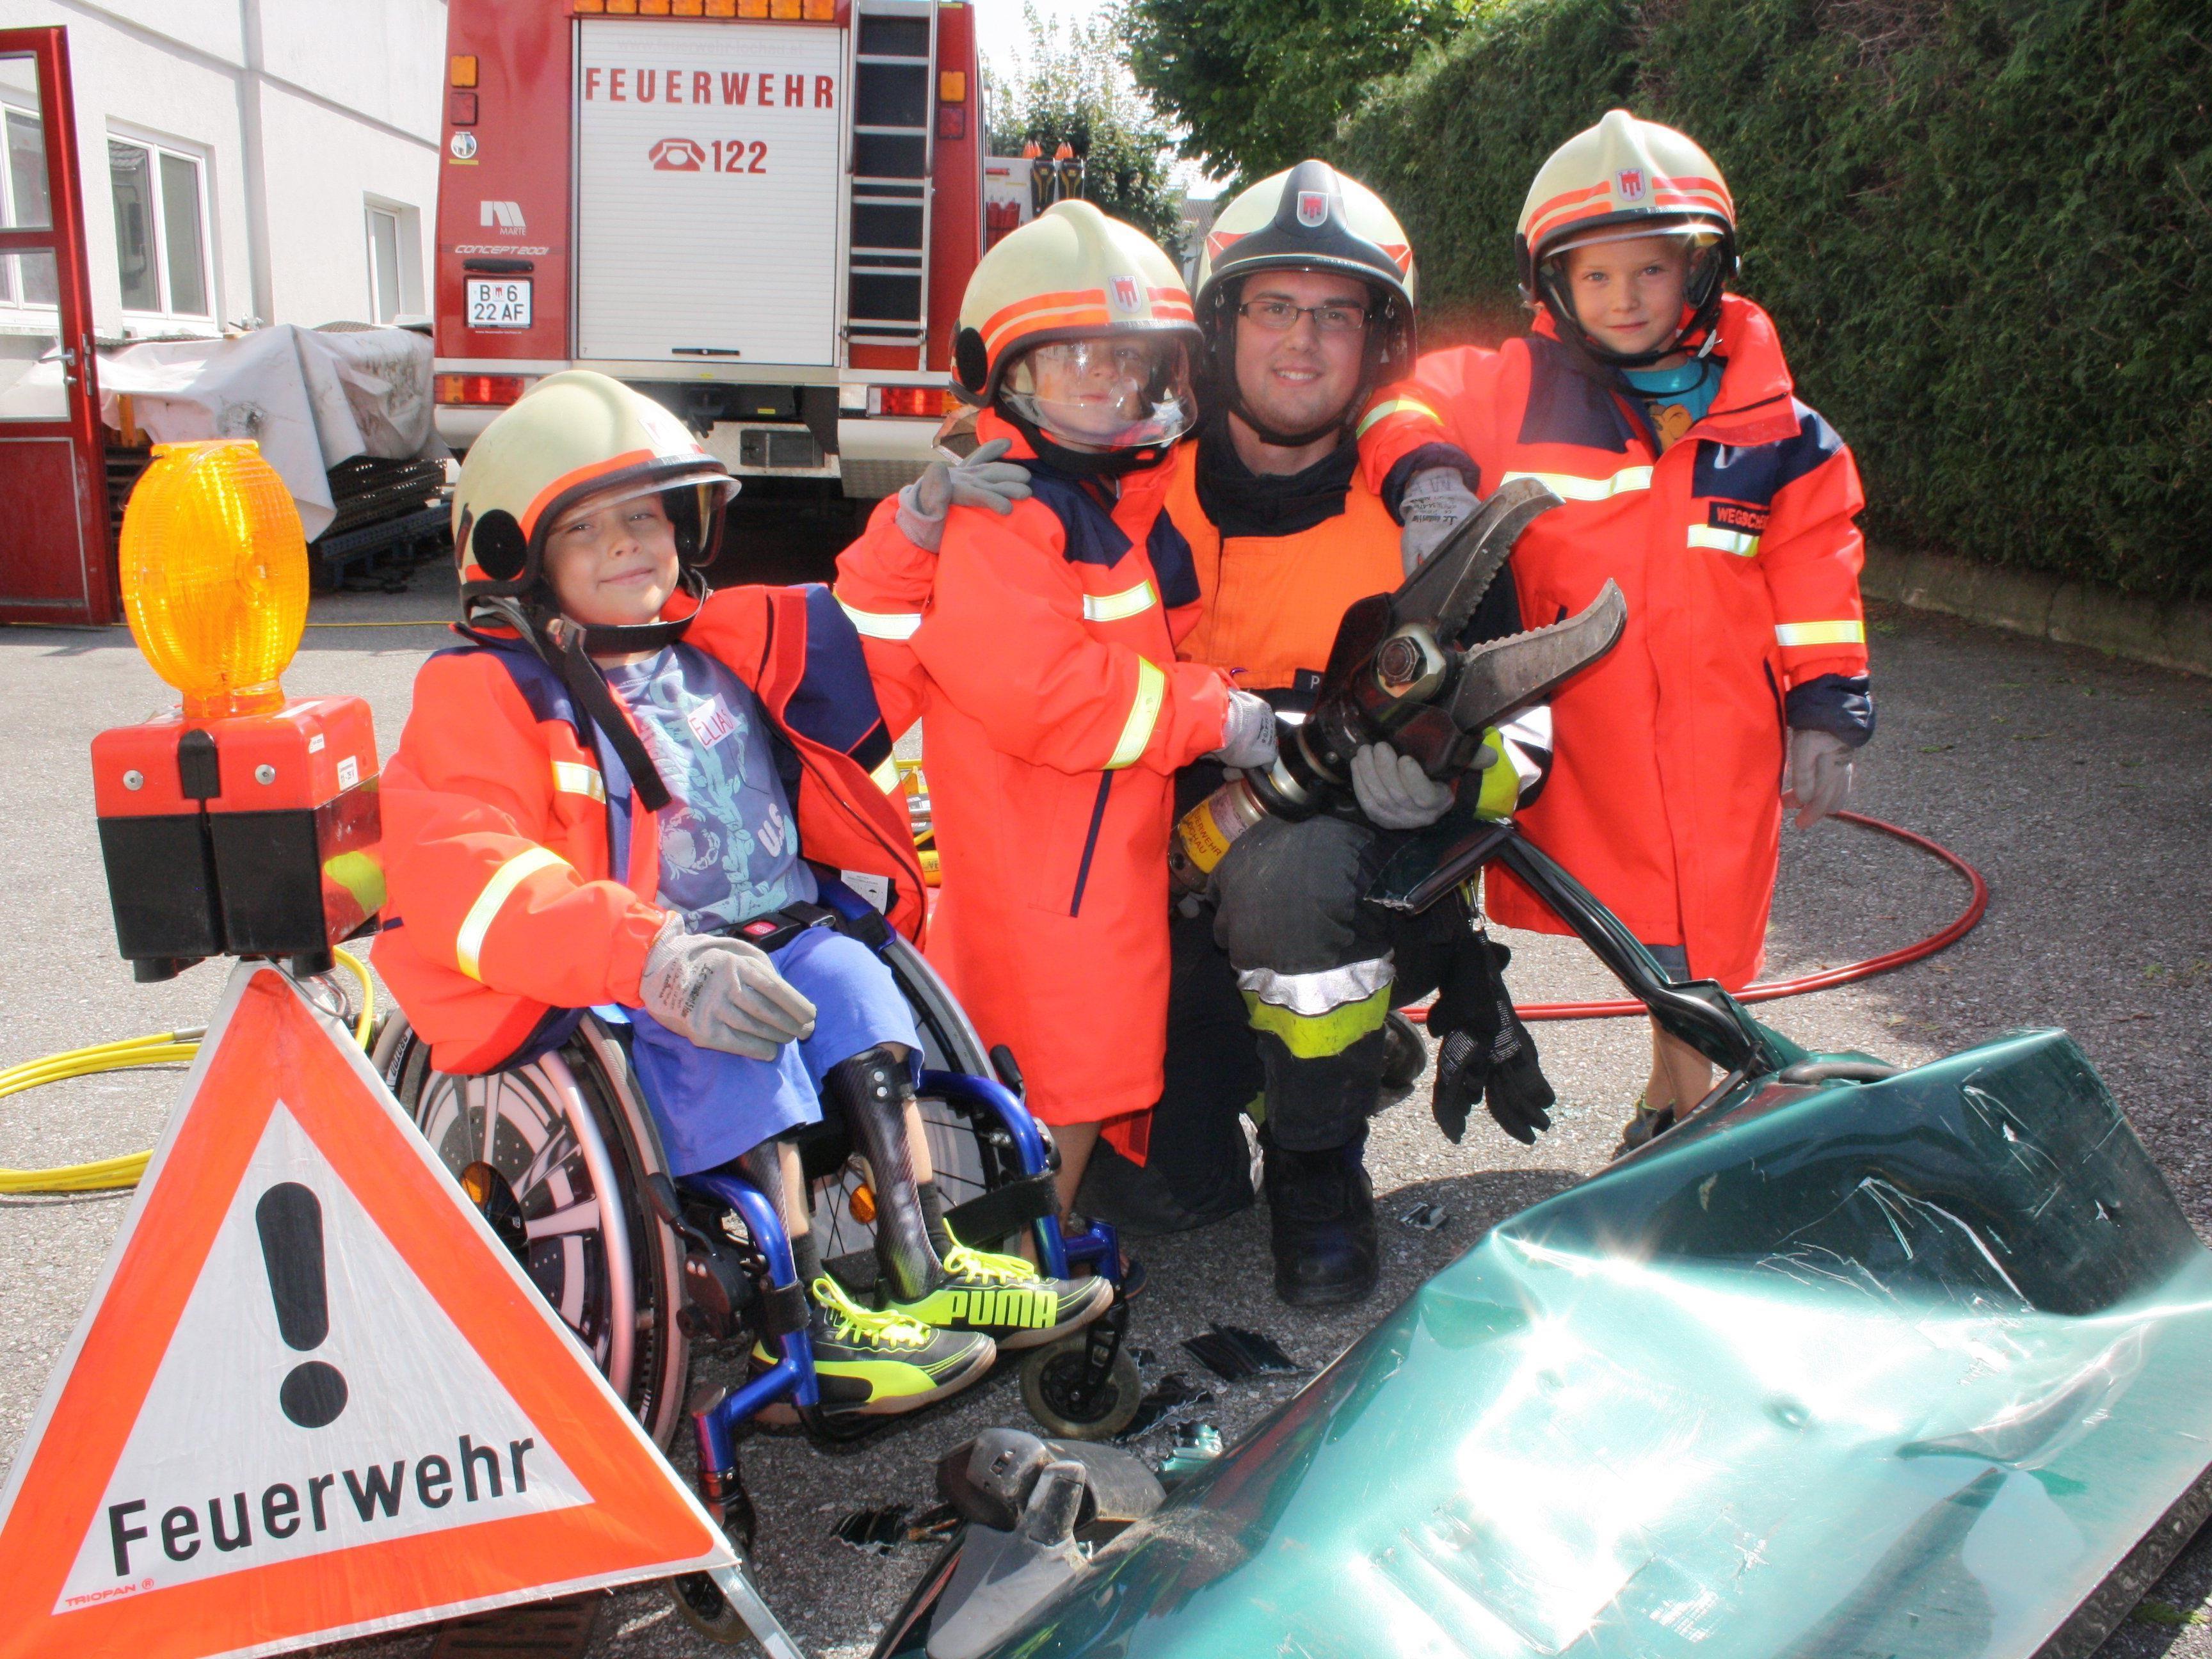 Der Besuch bei der Feuerwehr im Gerätehaus ist jedes Jahr ein besonderes Highlight im Leiblachtaler Ferienprogramm.